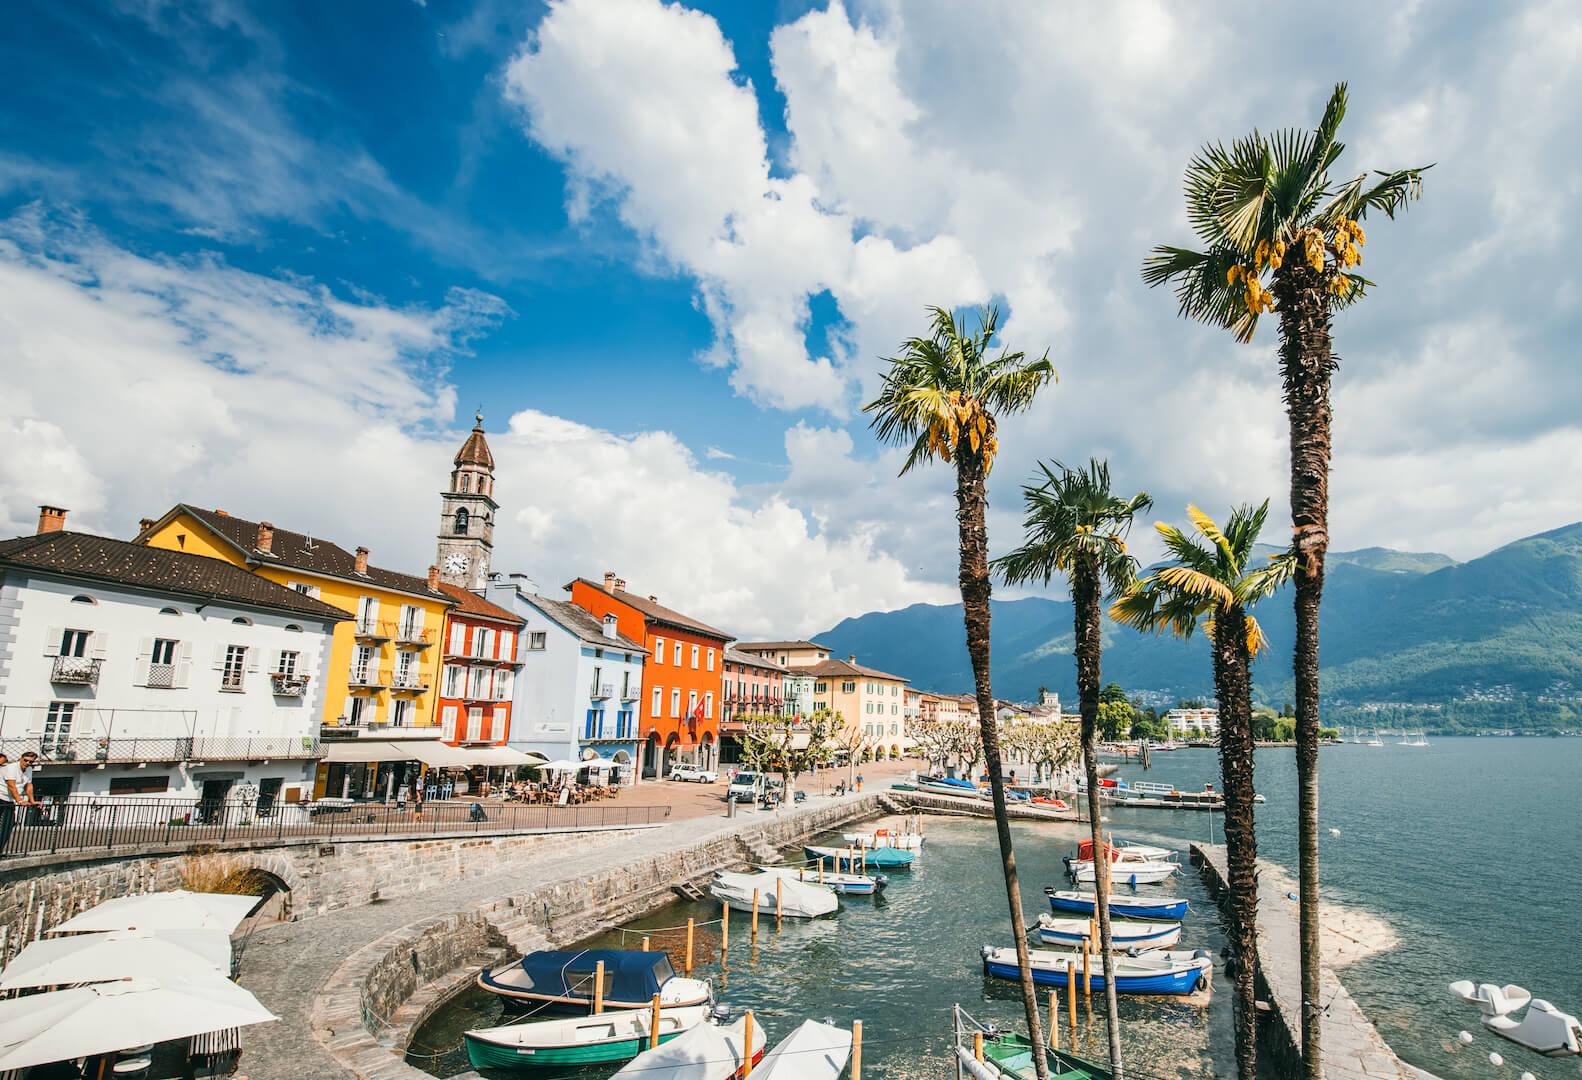 schweiz tessin ascona lago-maggiore see haus palme kirche